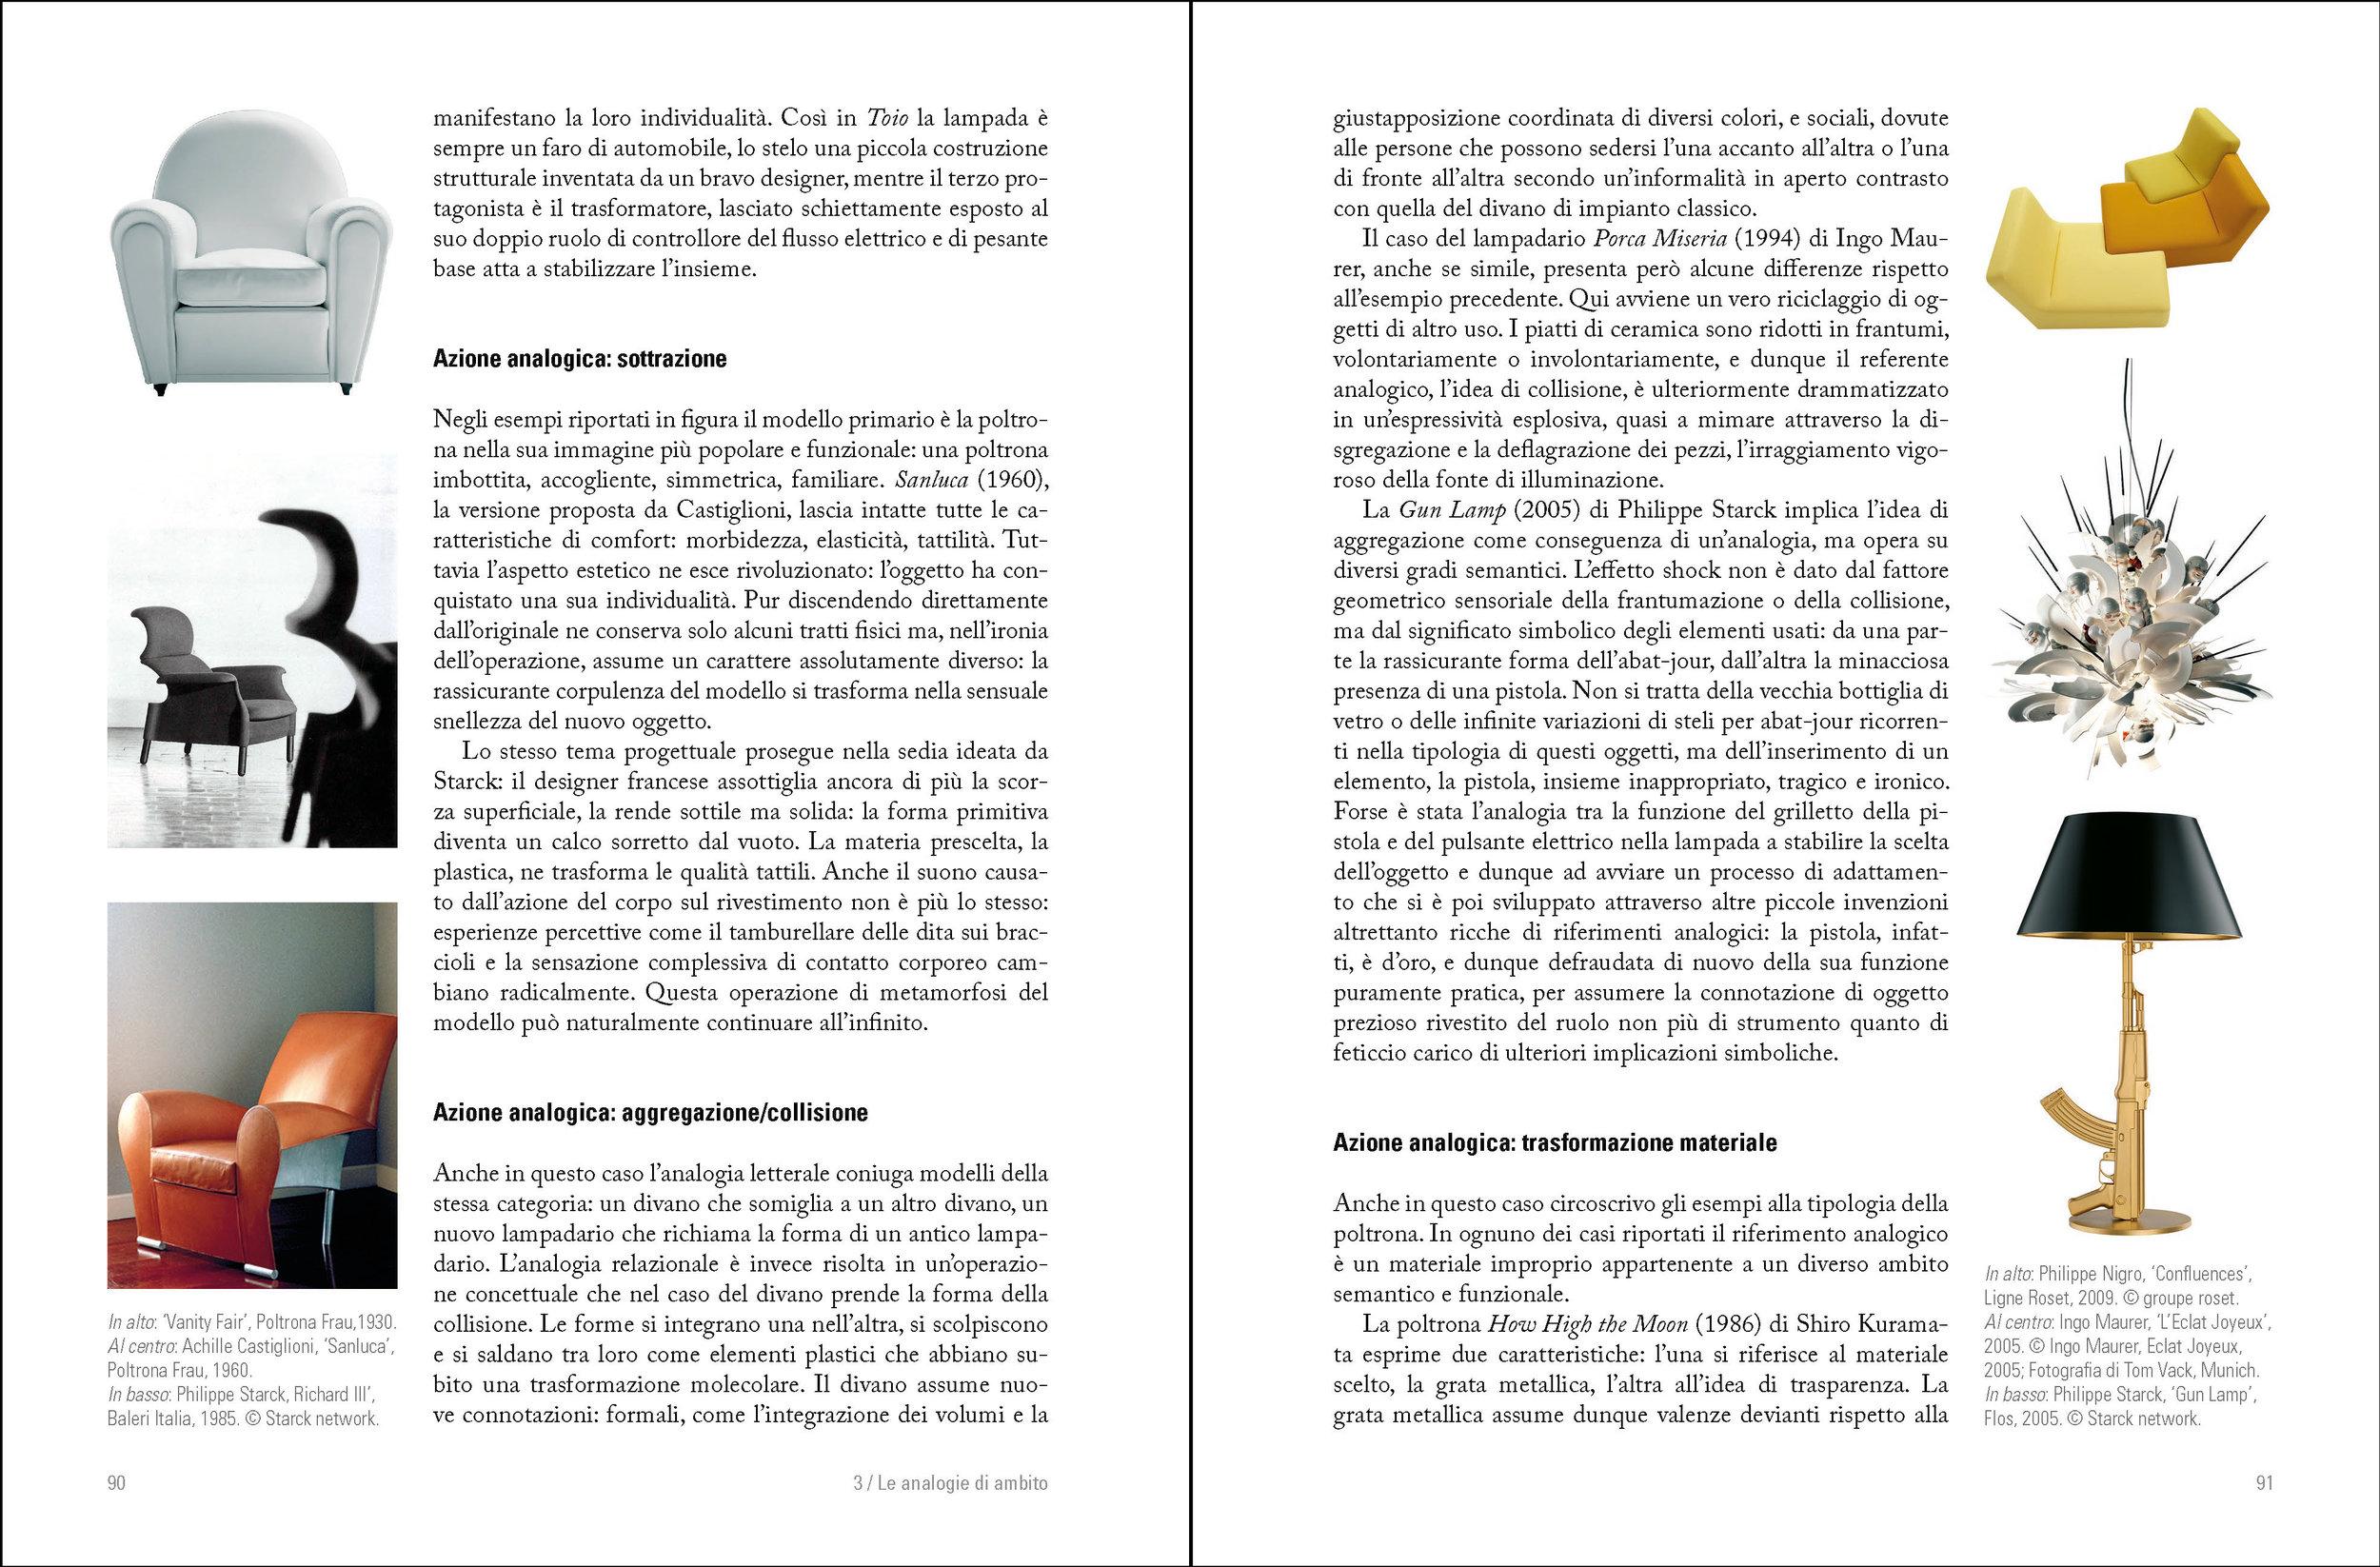 L'Architettura dell'Analogia_SPREADS_7.jpg